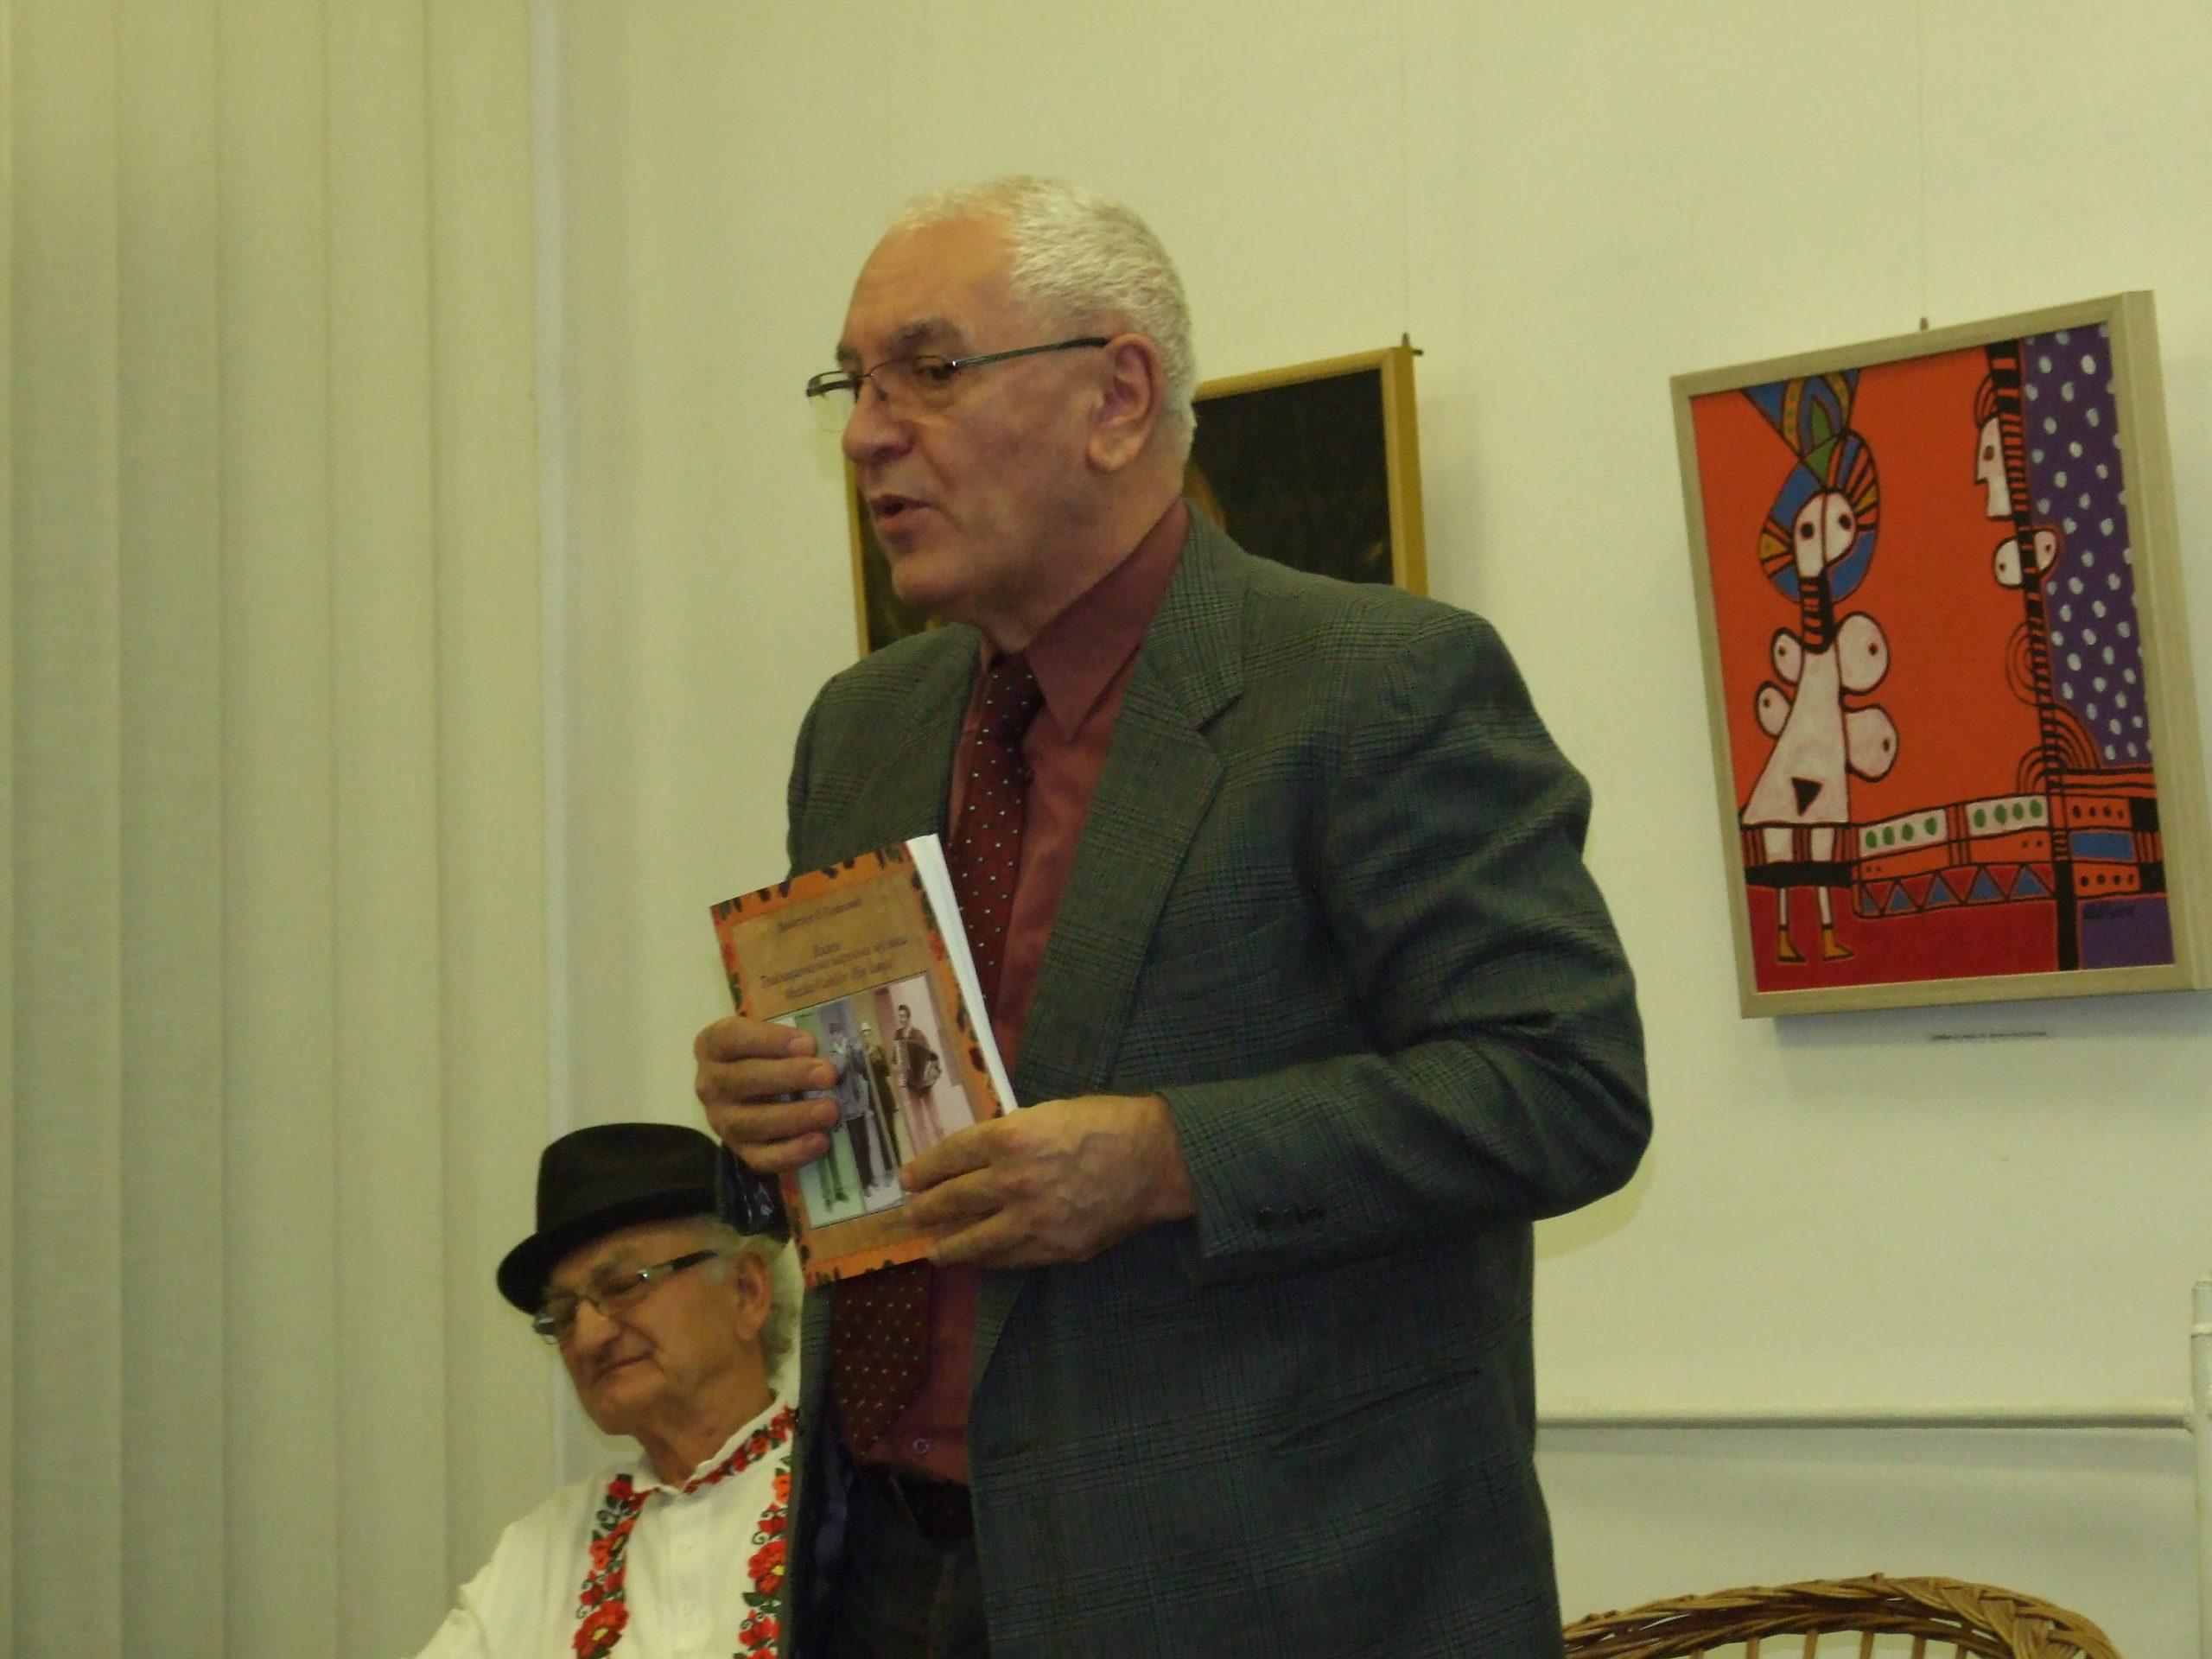 Negotin, 10 godina Udruženja Gergina, prof. dr Dimitrije Golemović, etnomuzikolog i kompozitor, foto SMJovanović